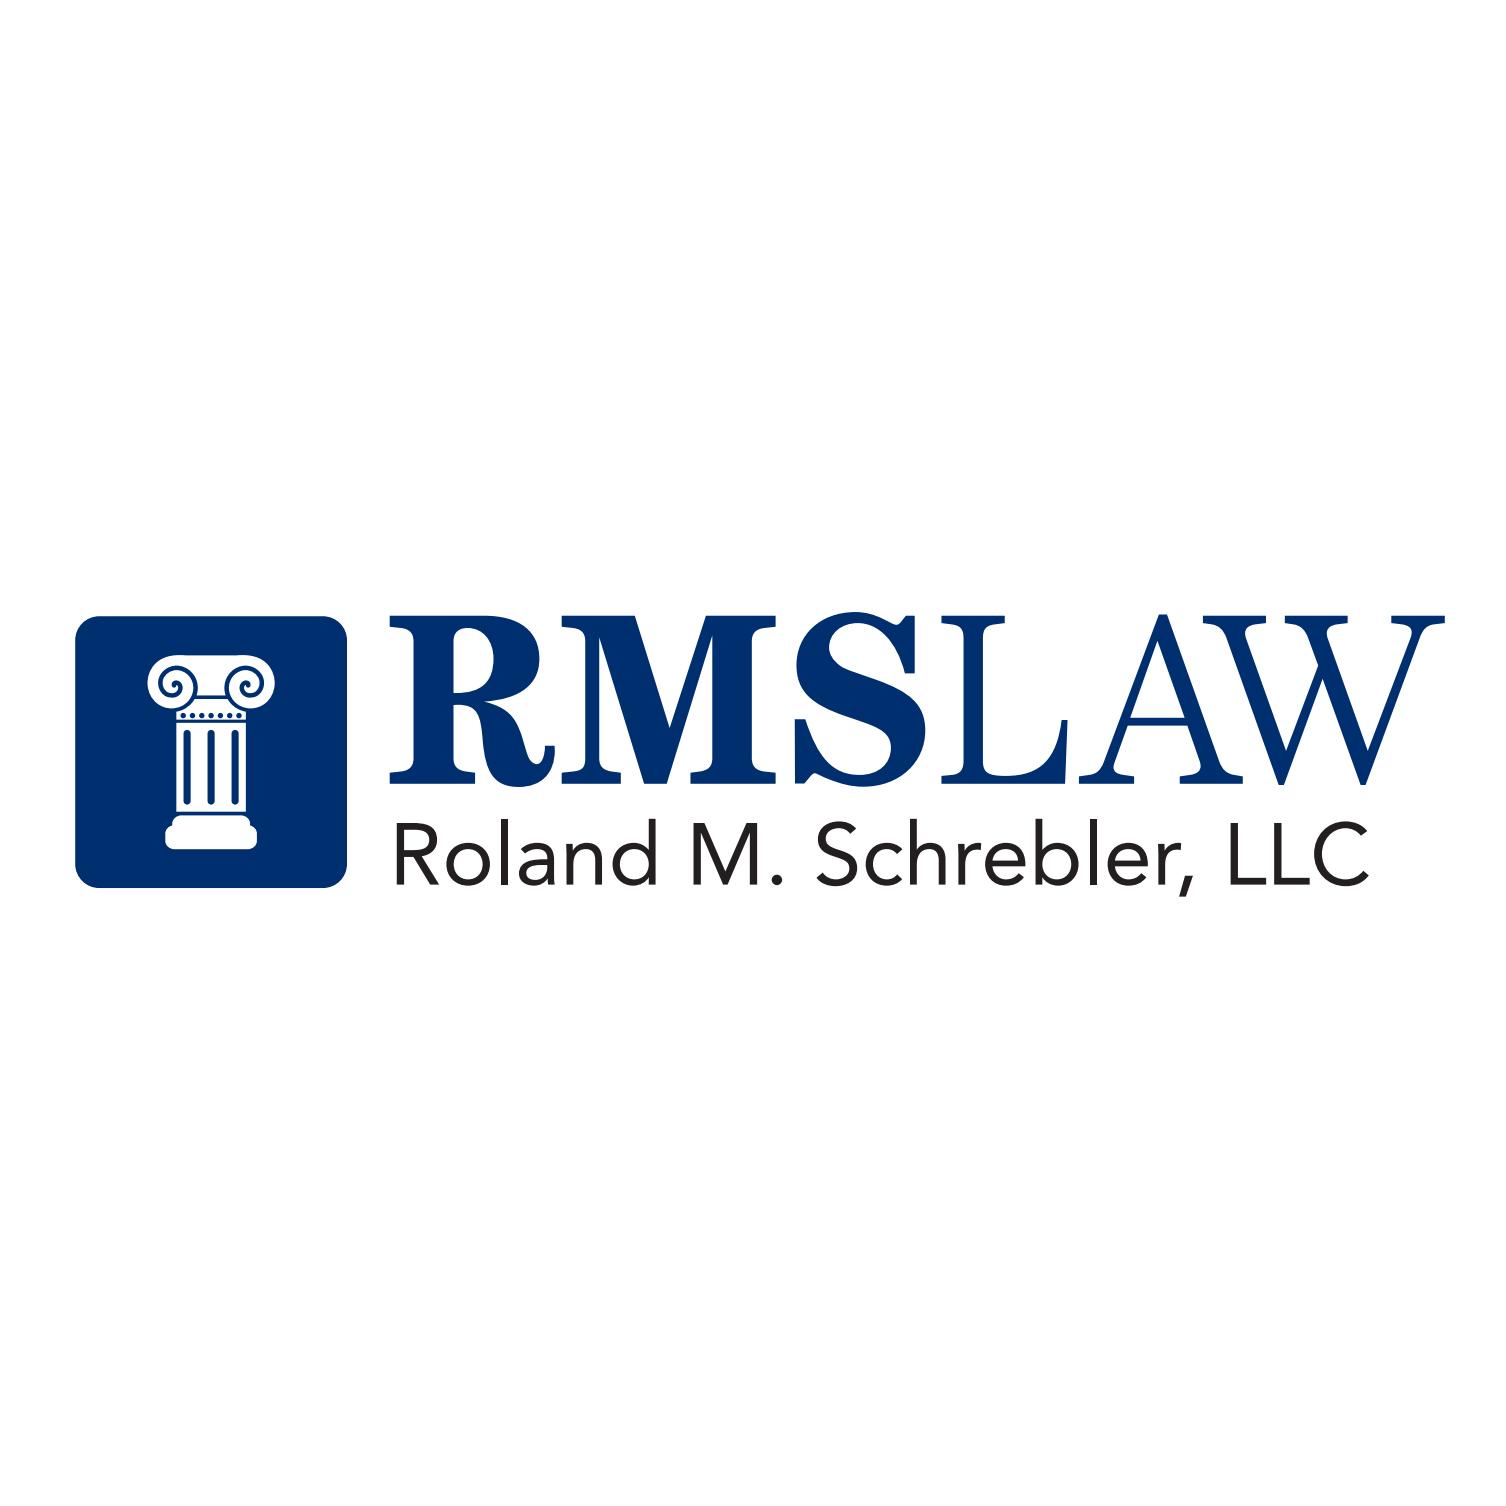 Roland M. Schrebler, LLC